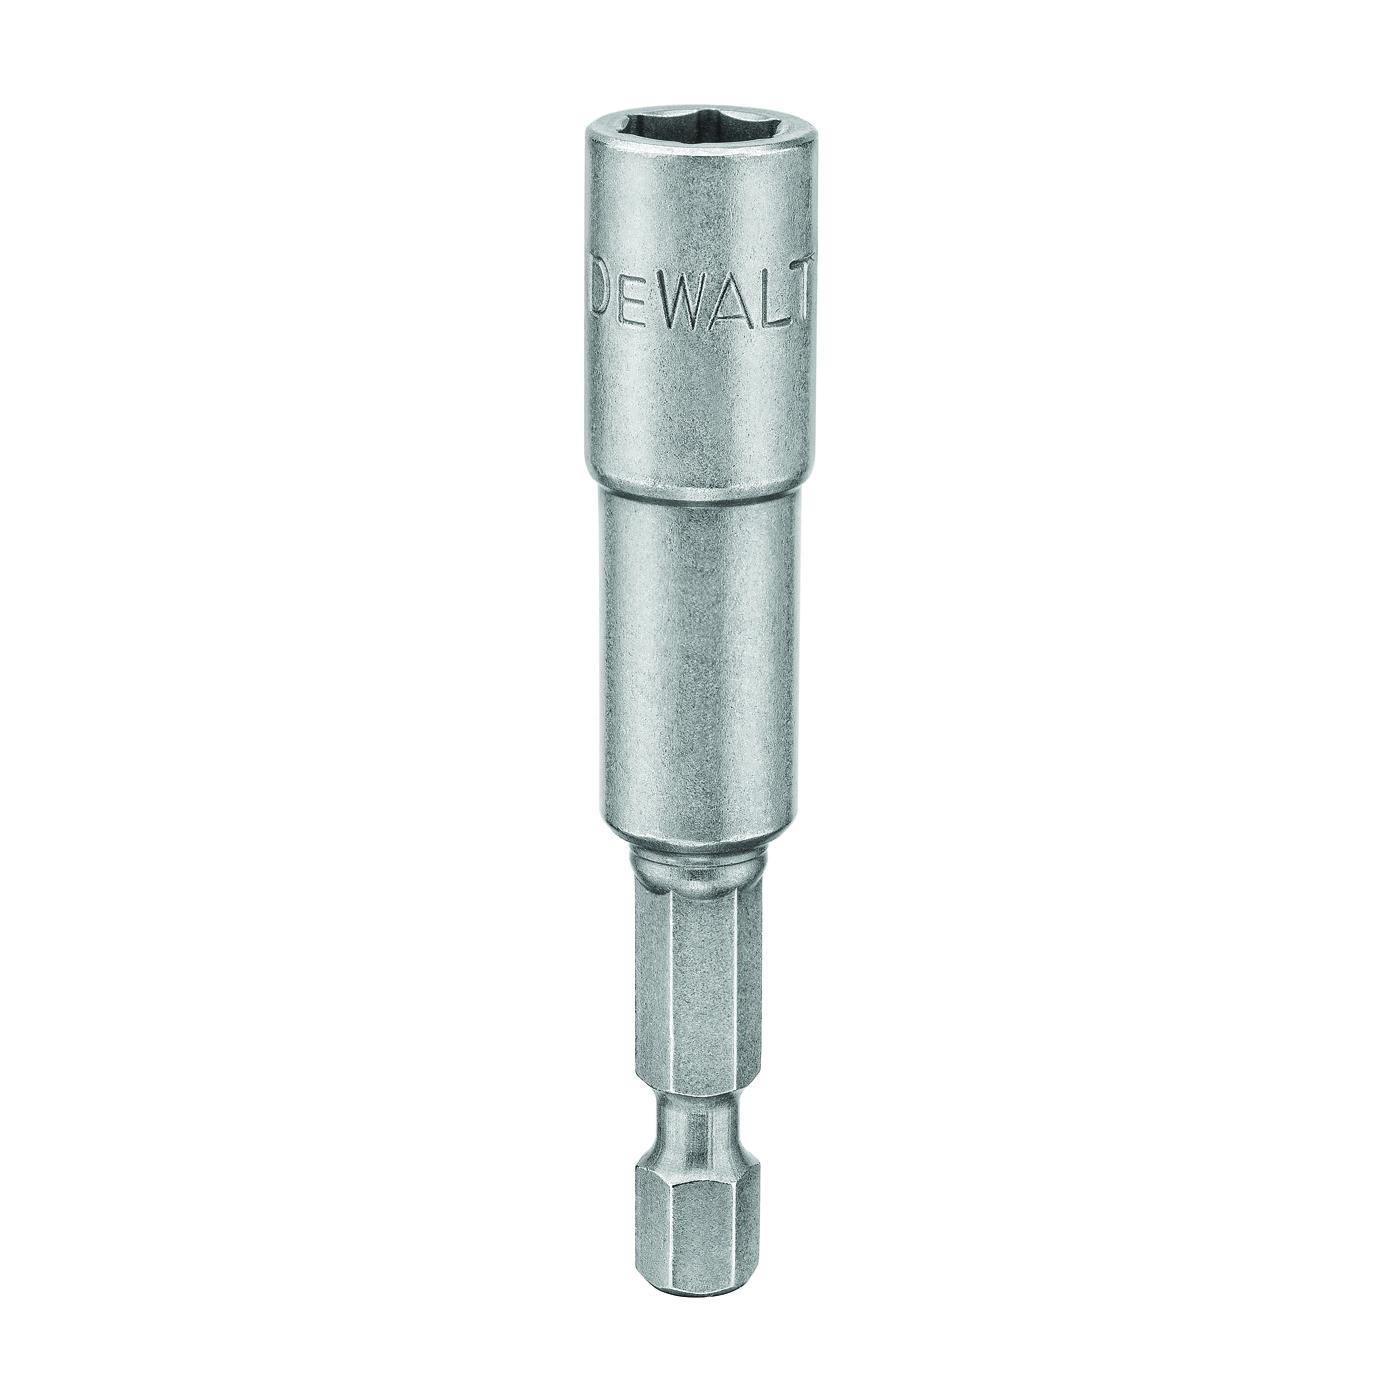 Picture of DeWALT DW2222 Socket Adapter, 5/16 in Drive, 2-9/16 in L, 1/4 in L Shank, Hex Shank